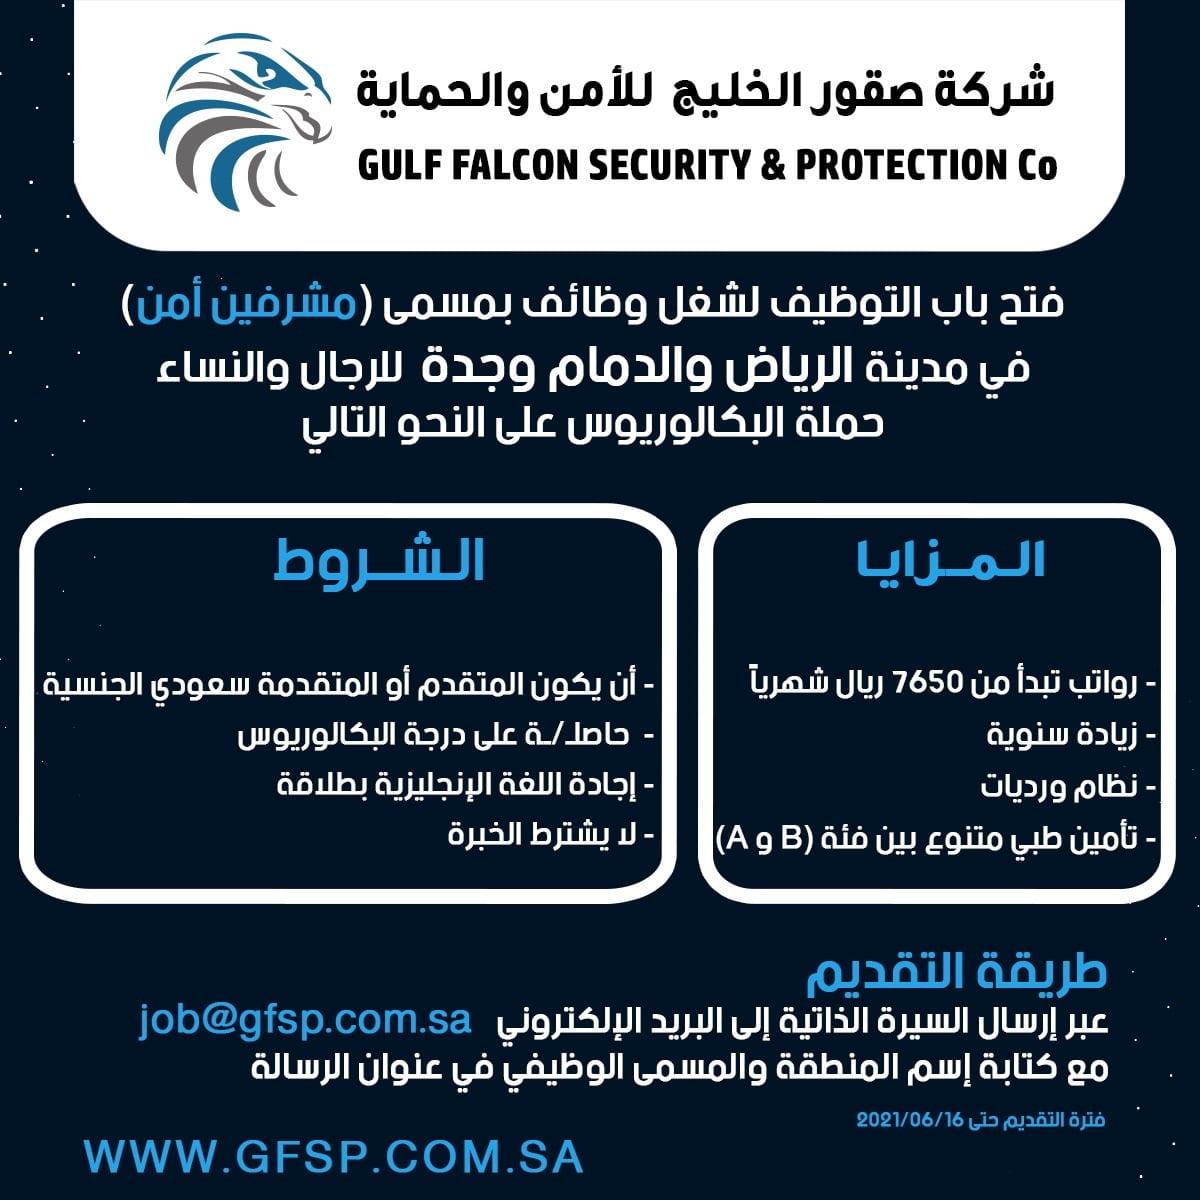 وظائف أمنية للجنسين بعدة مدن بالمملكة لدى شركة صقور الخليج للحراسات الأمنية 3